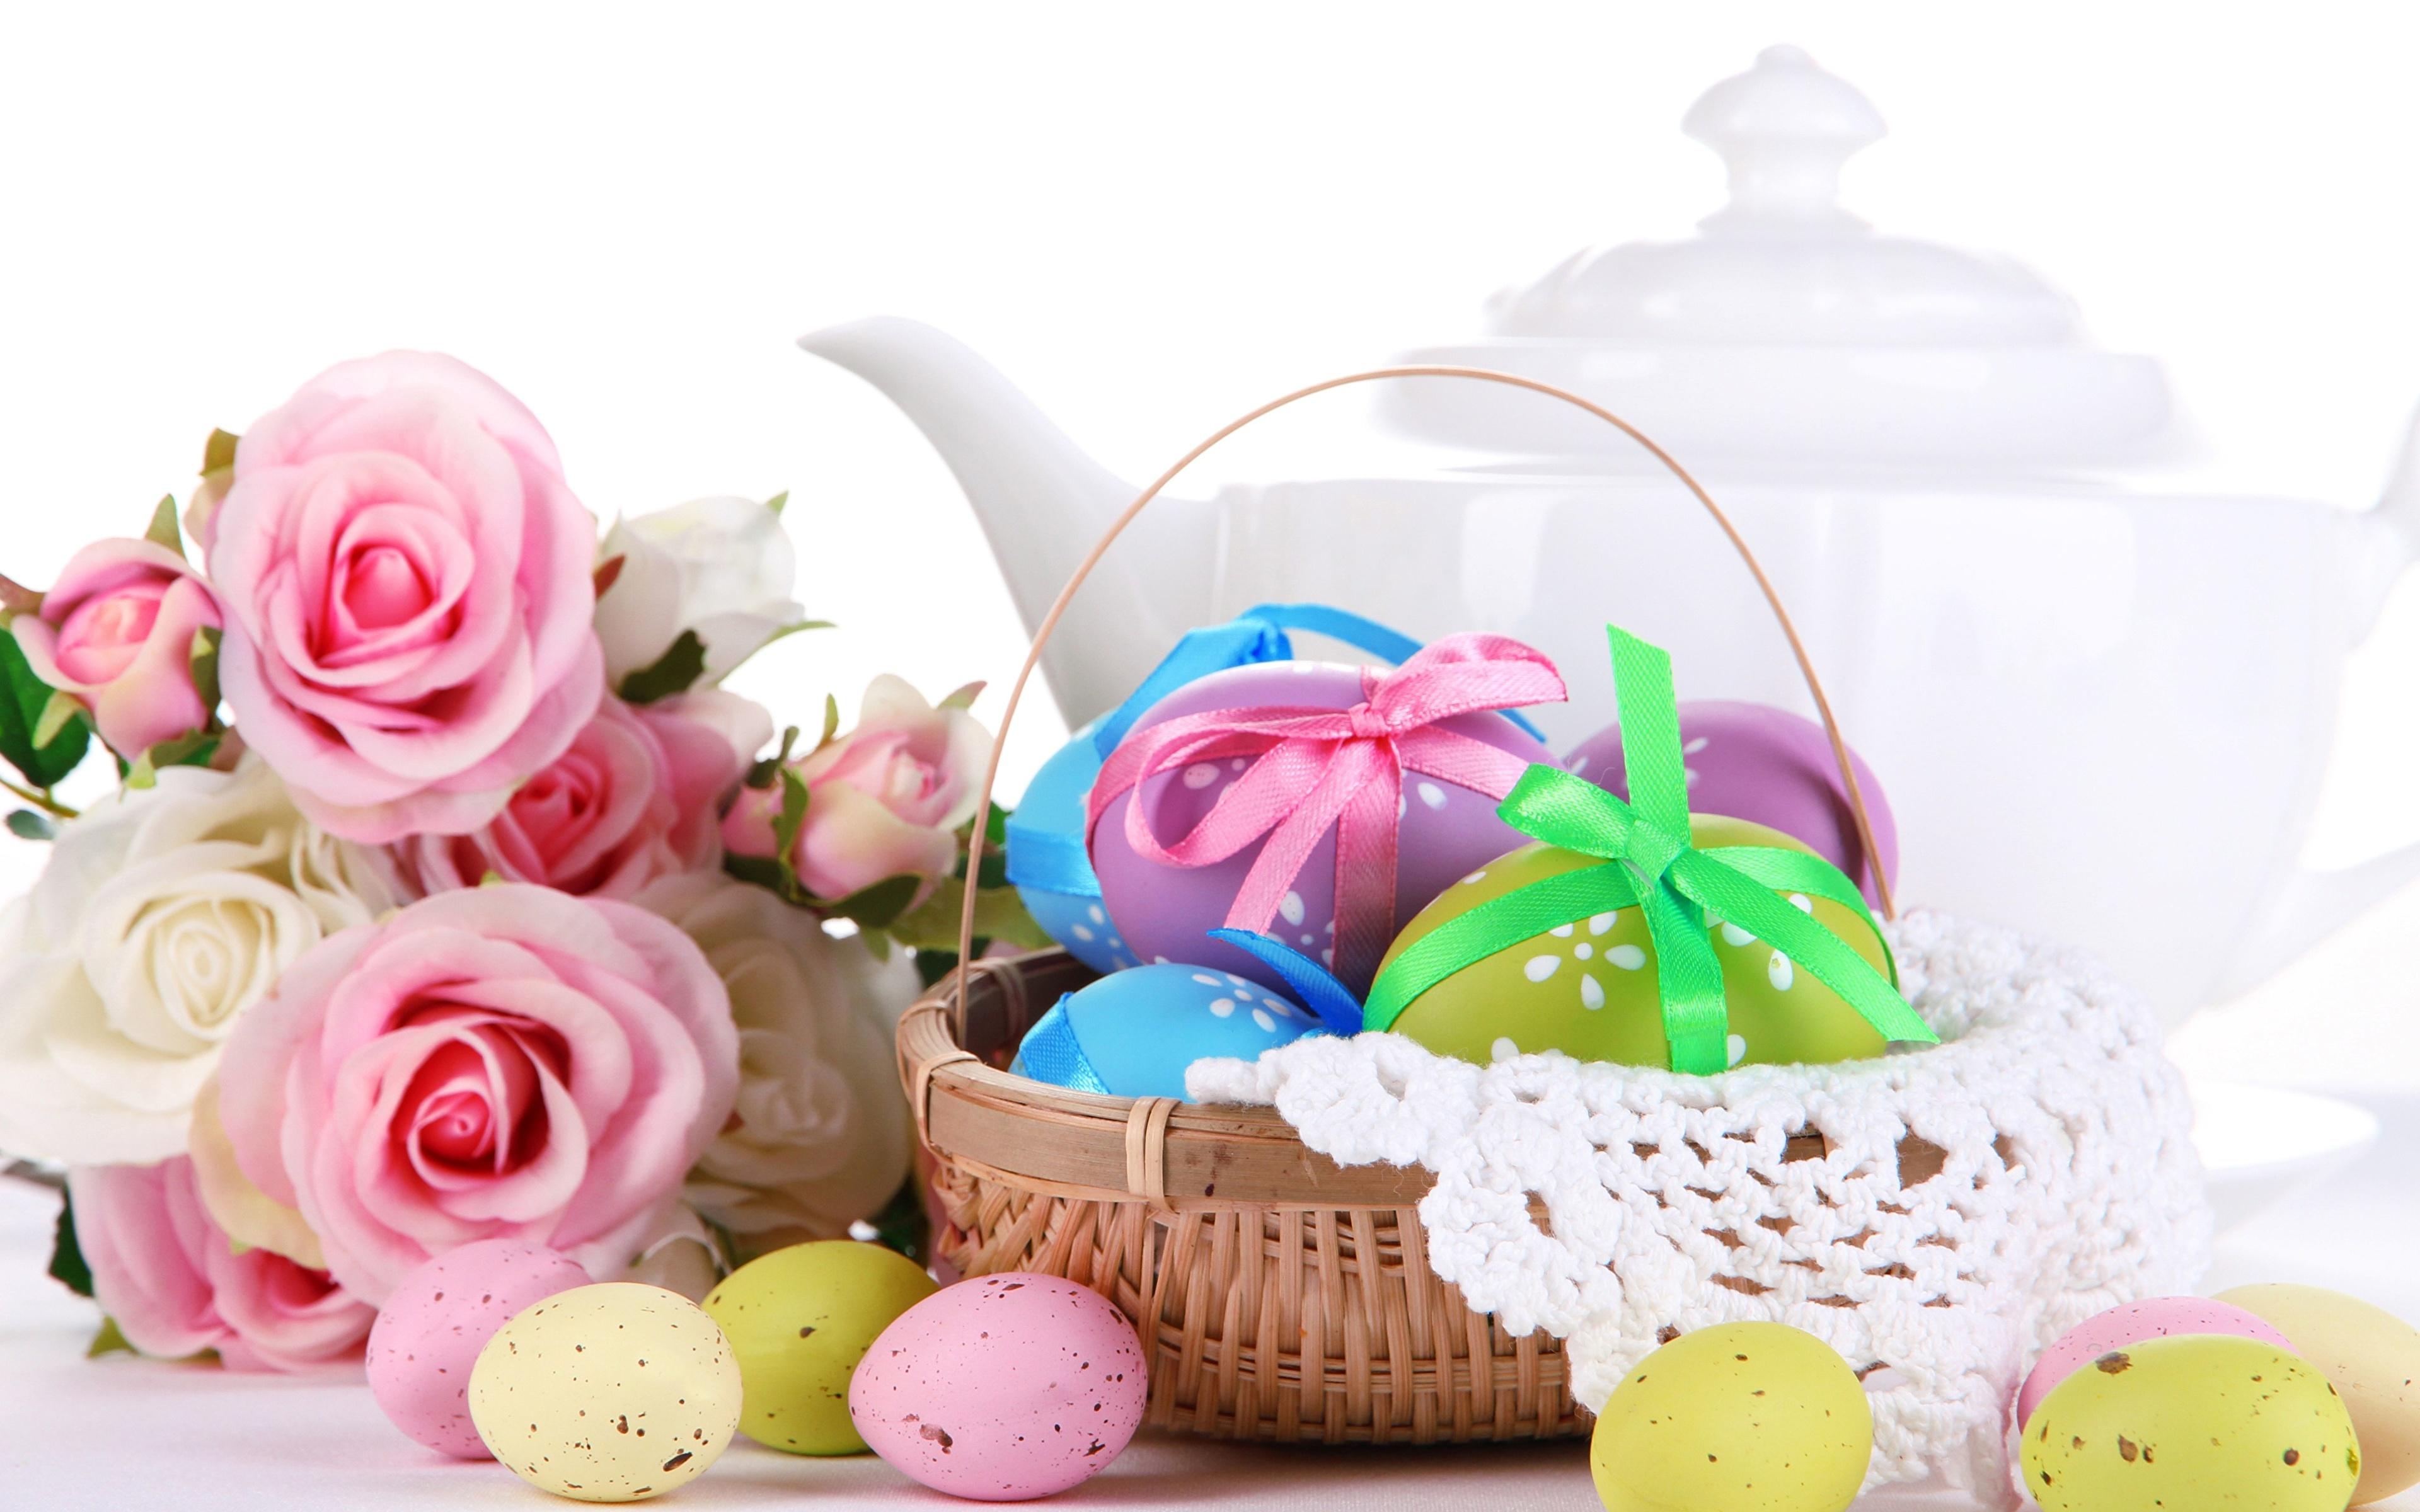 пасха яйца корзина  № 3923064 бесплатно